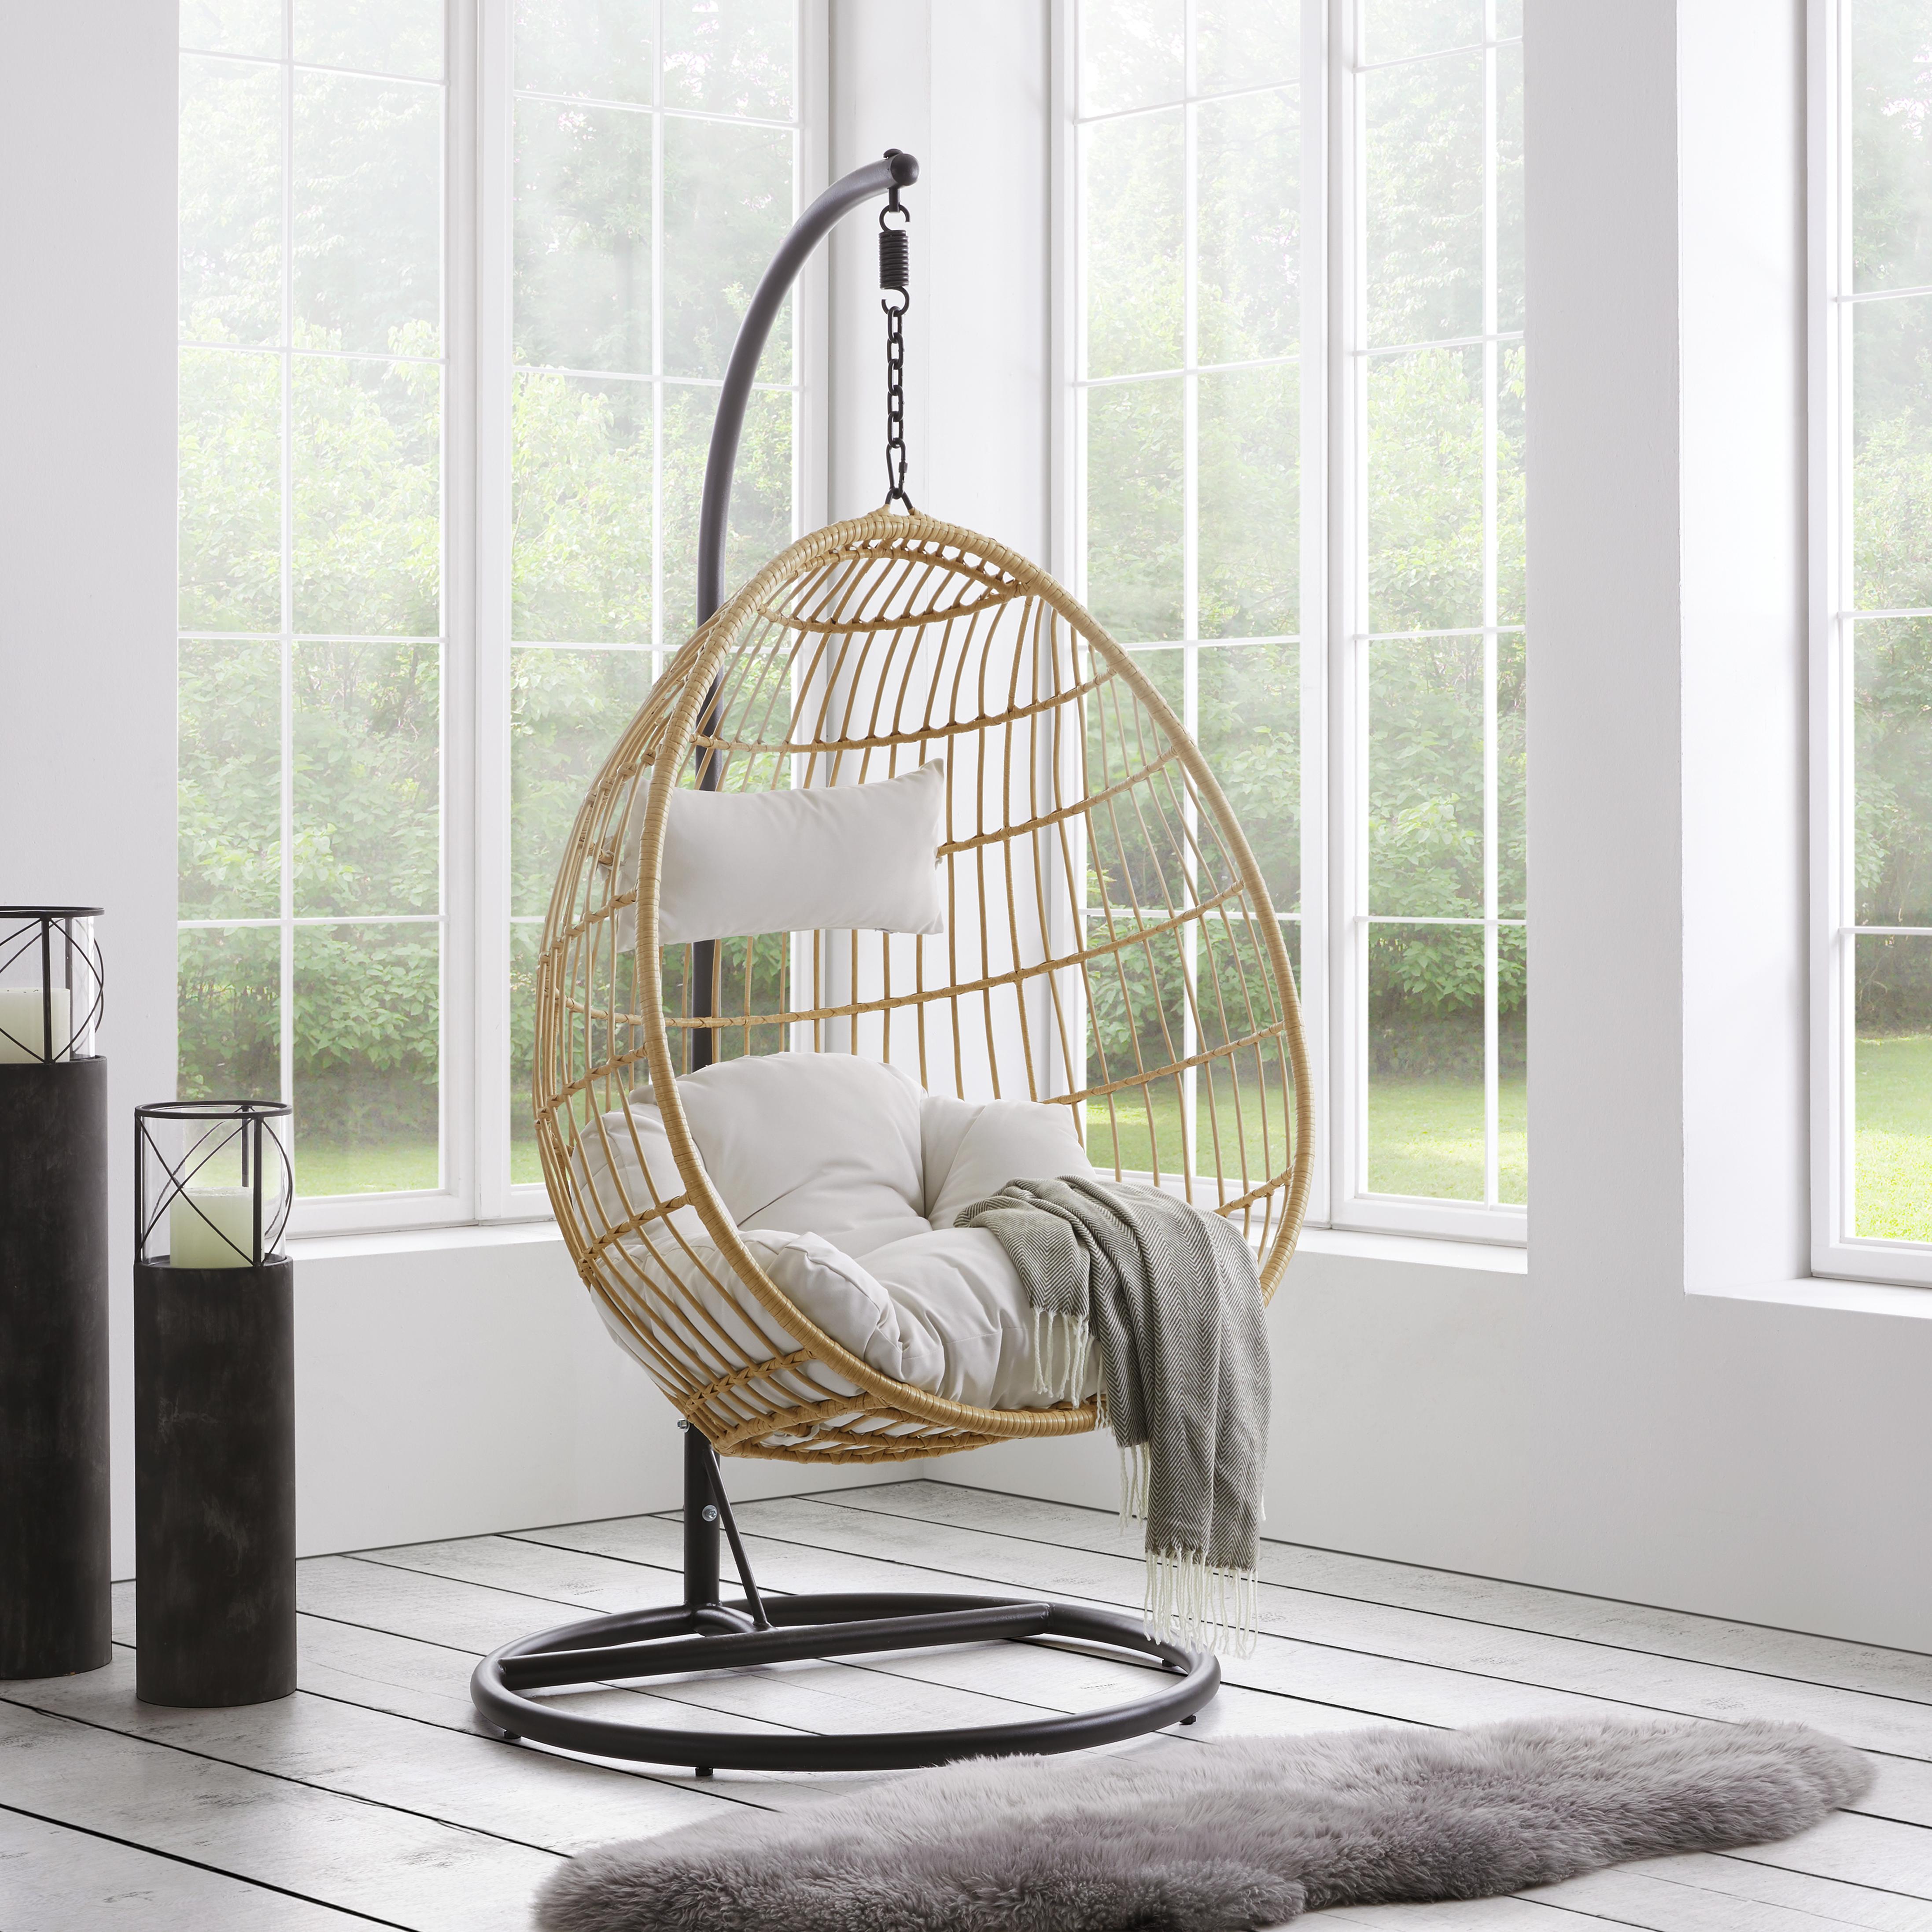 Hängesessel Balkon - Home Ideen